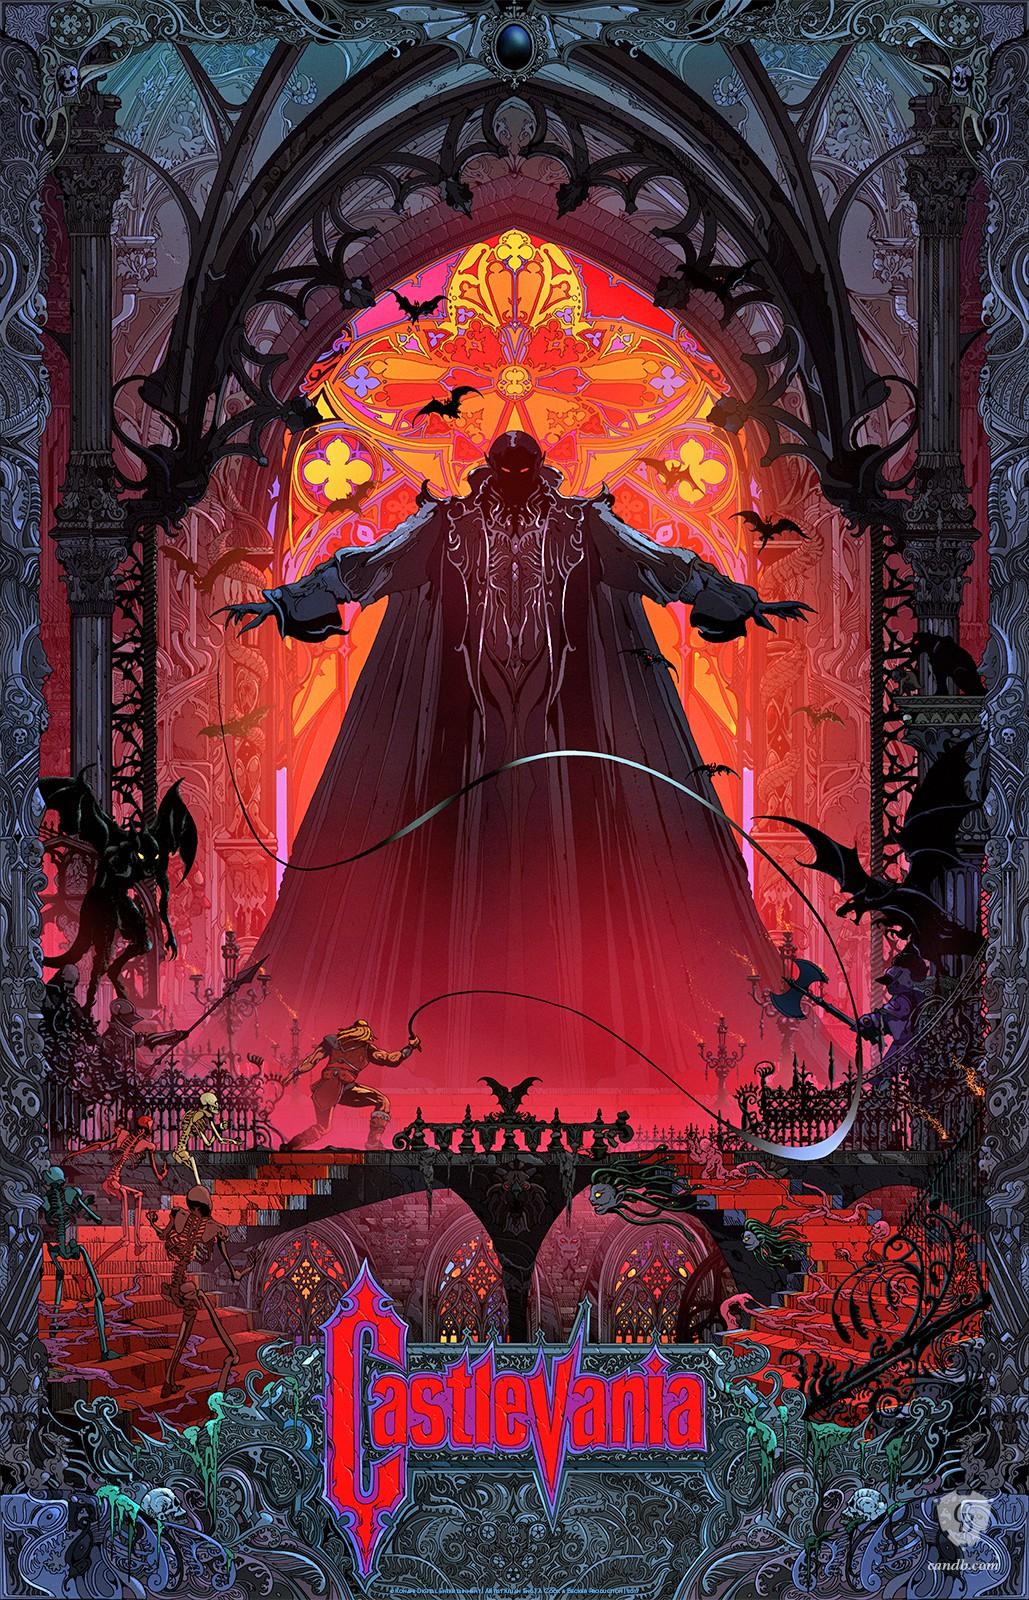 Kunstwerk Castlevania Konami